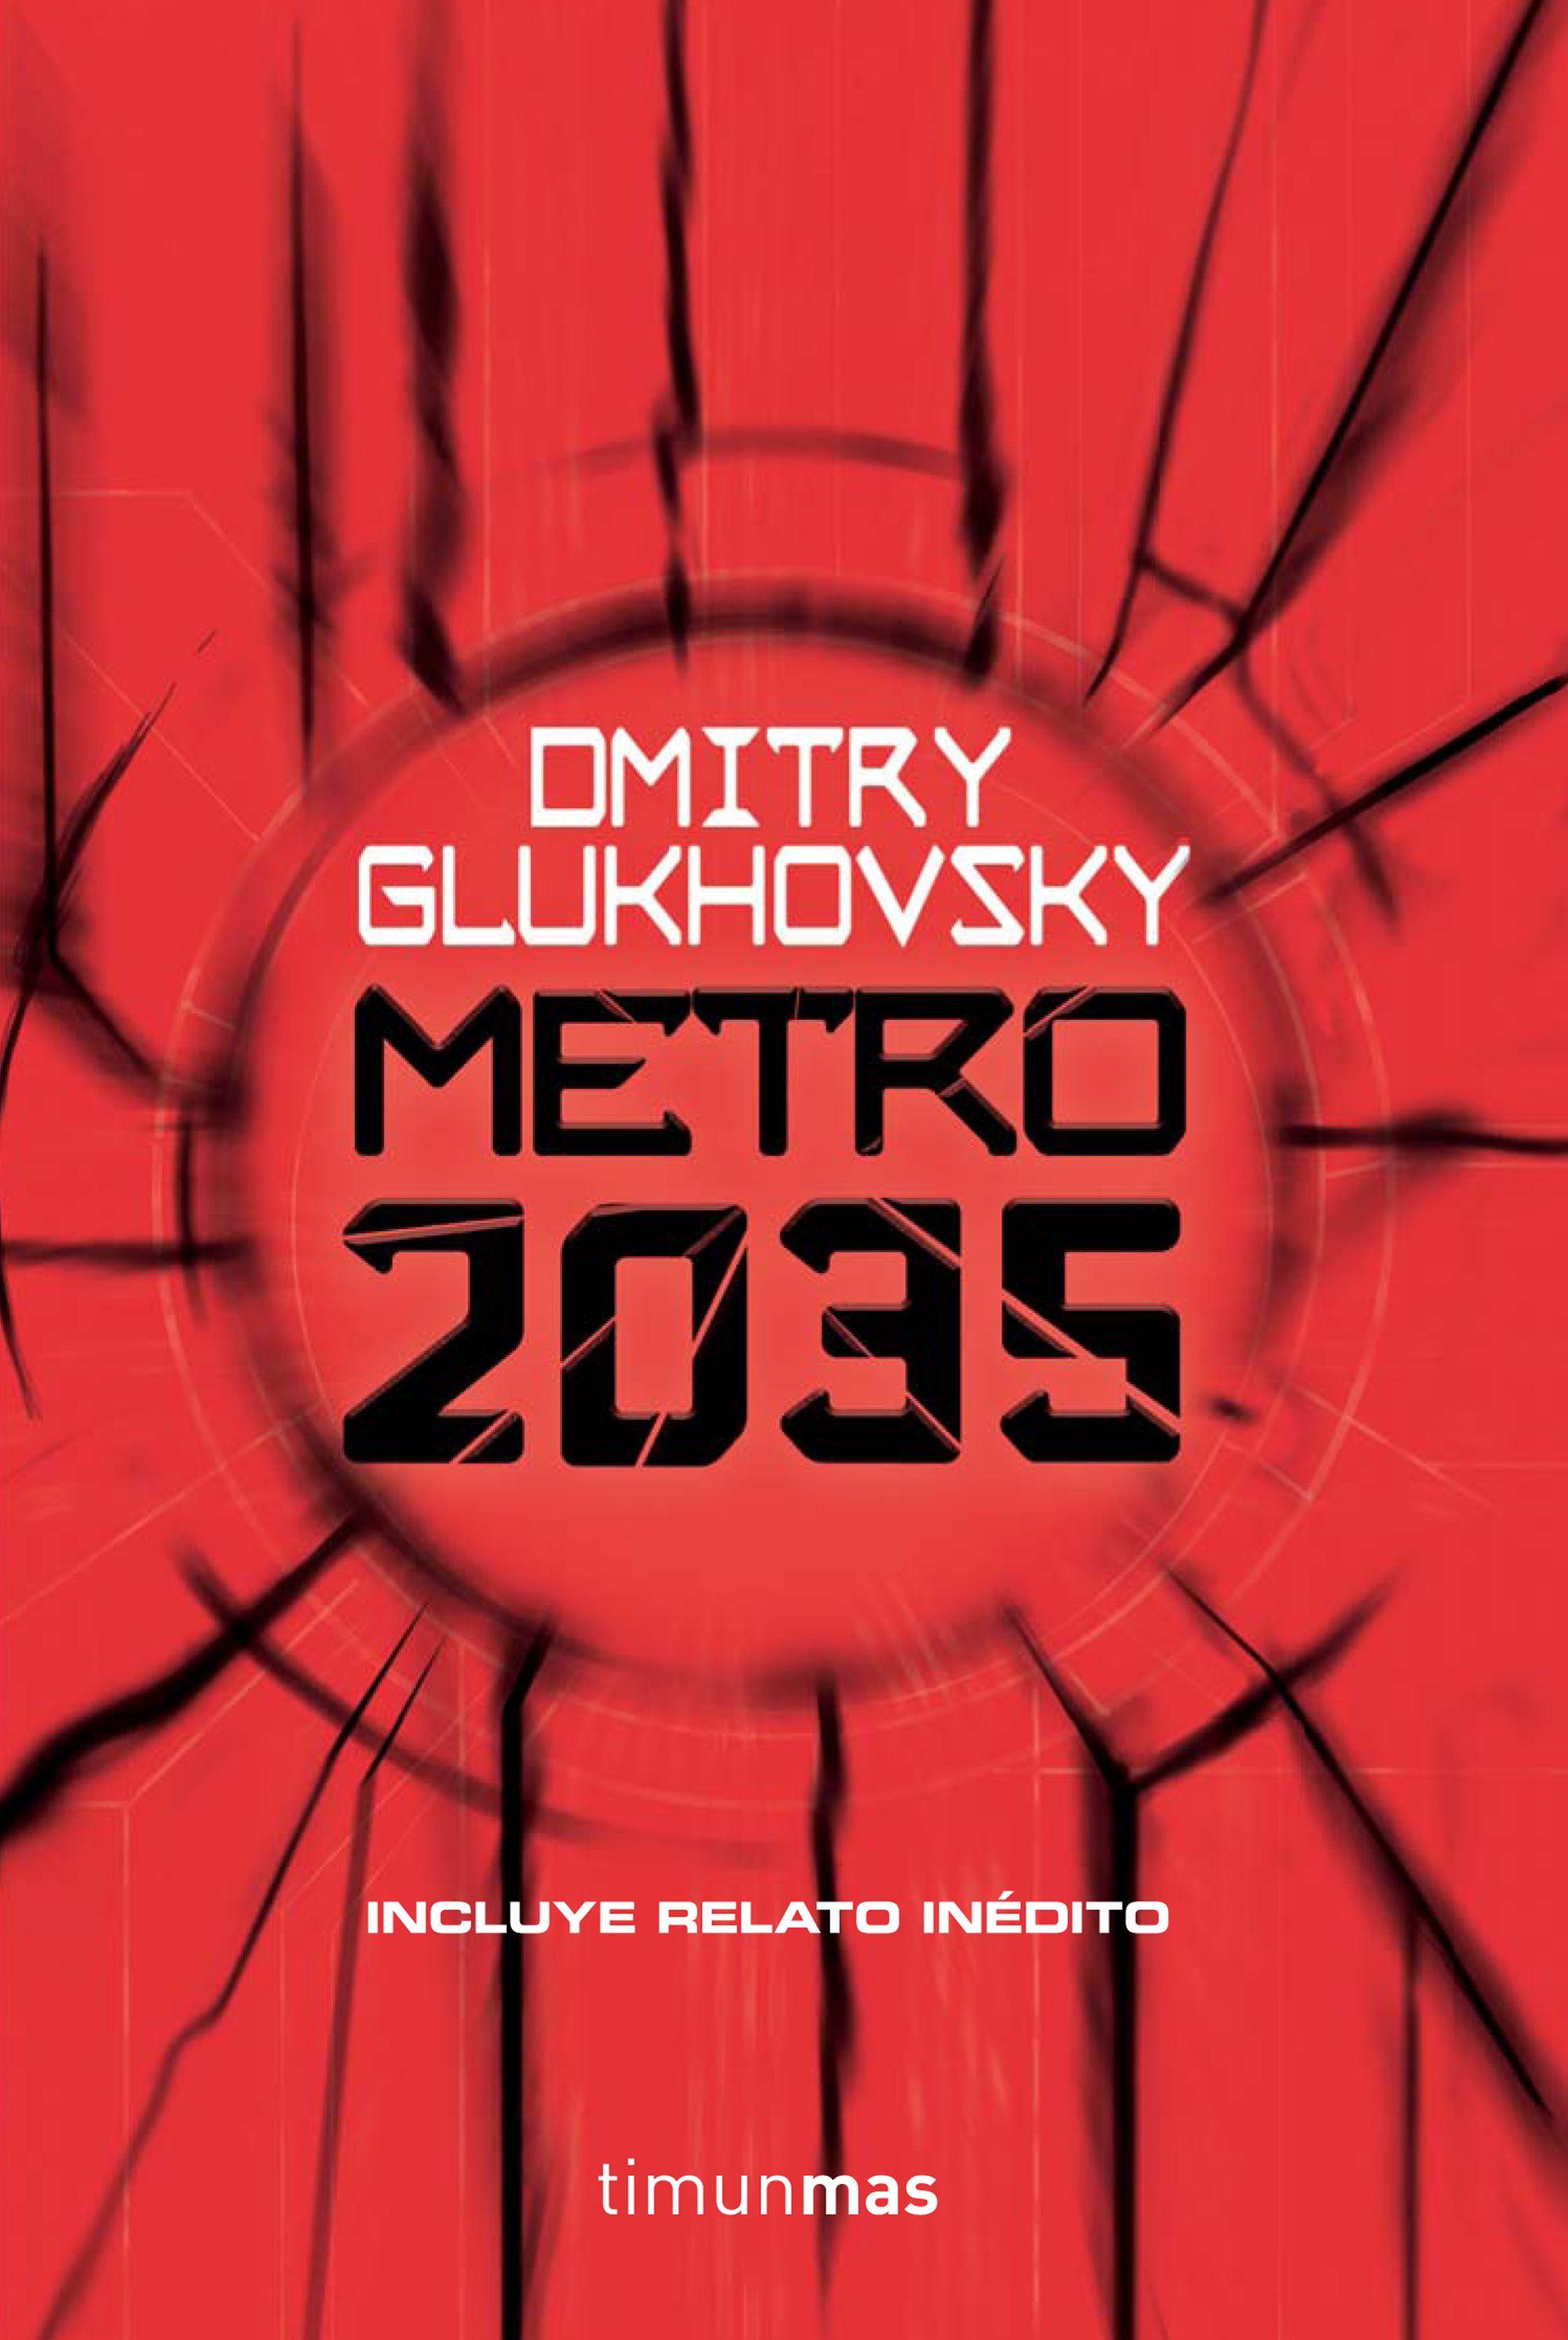 Metro 2035 - Dmitry Glukhovsky - Planeta